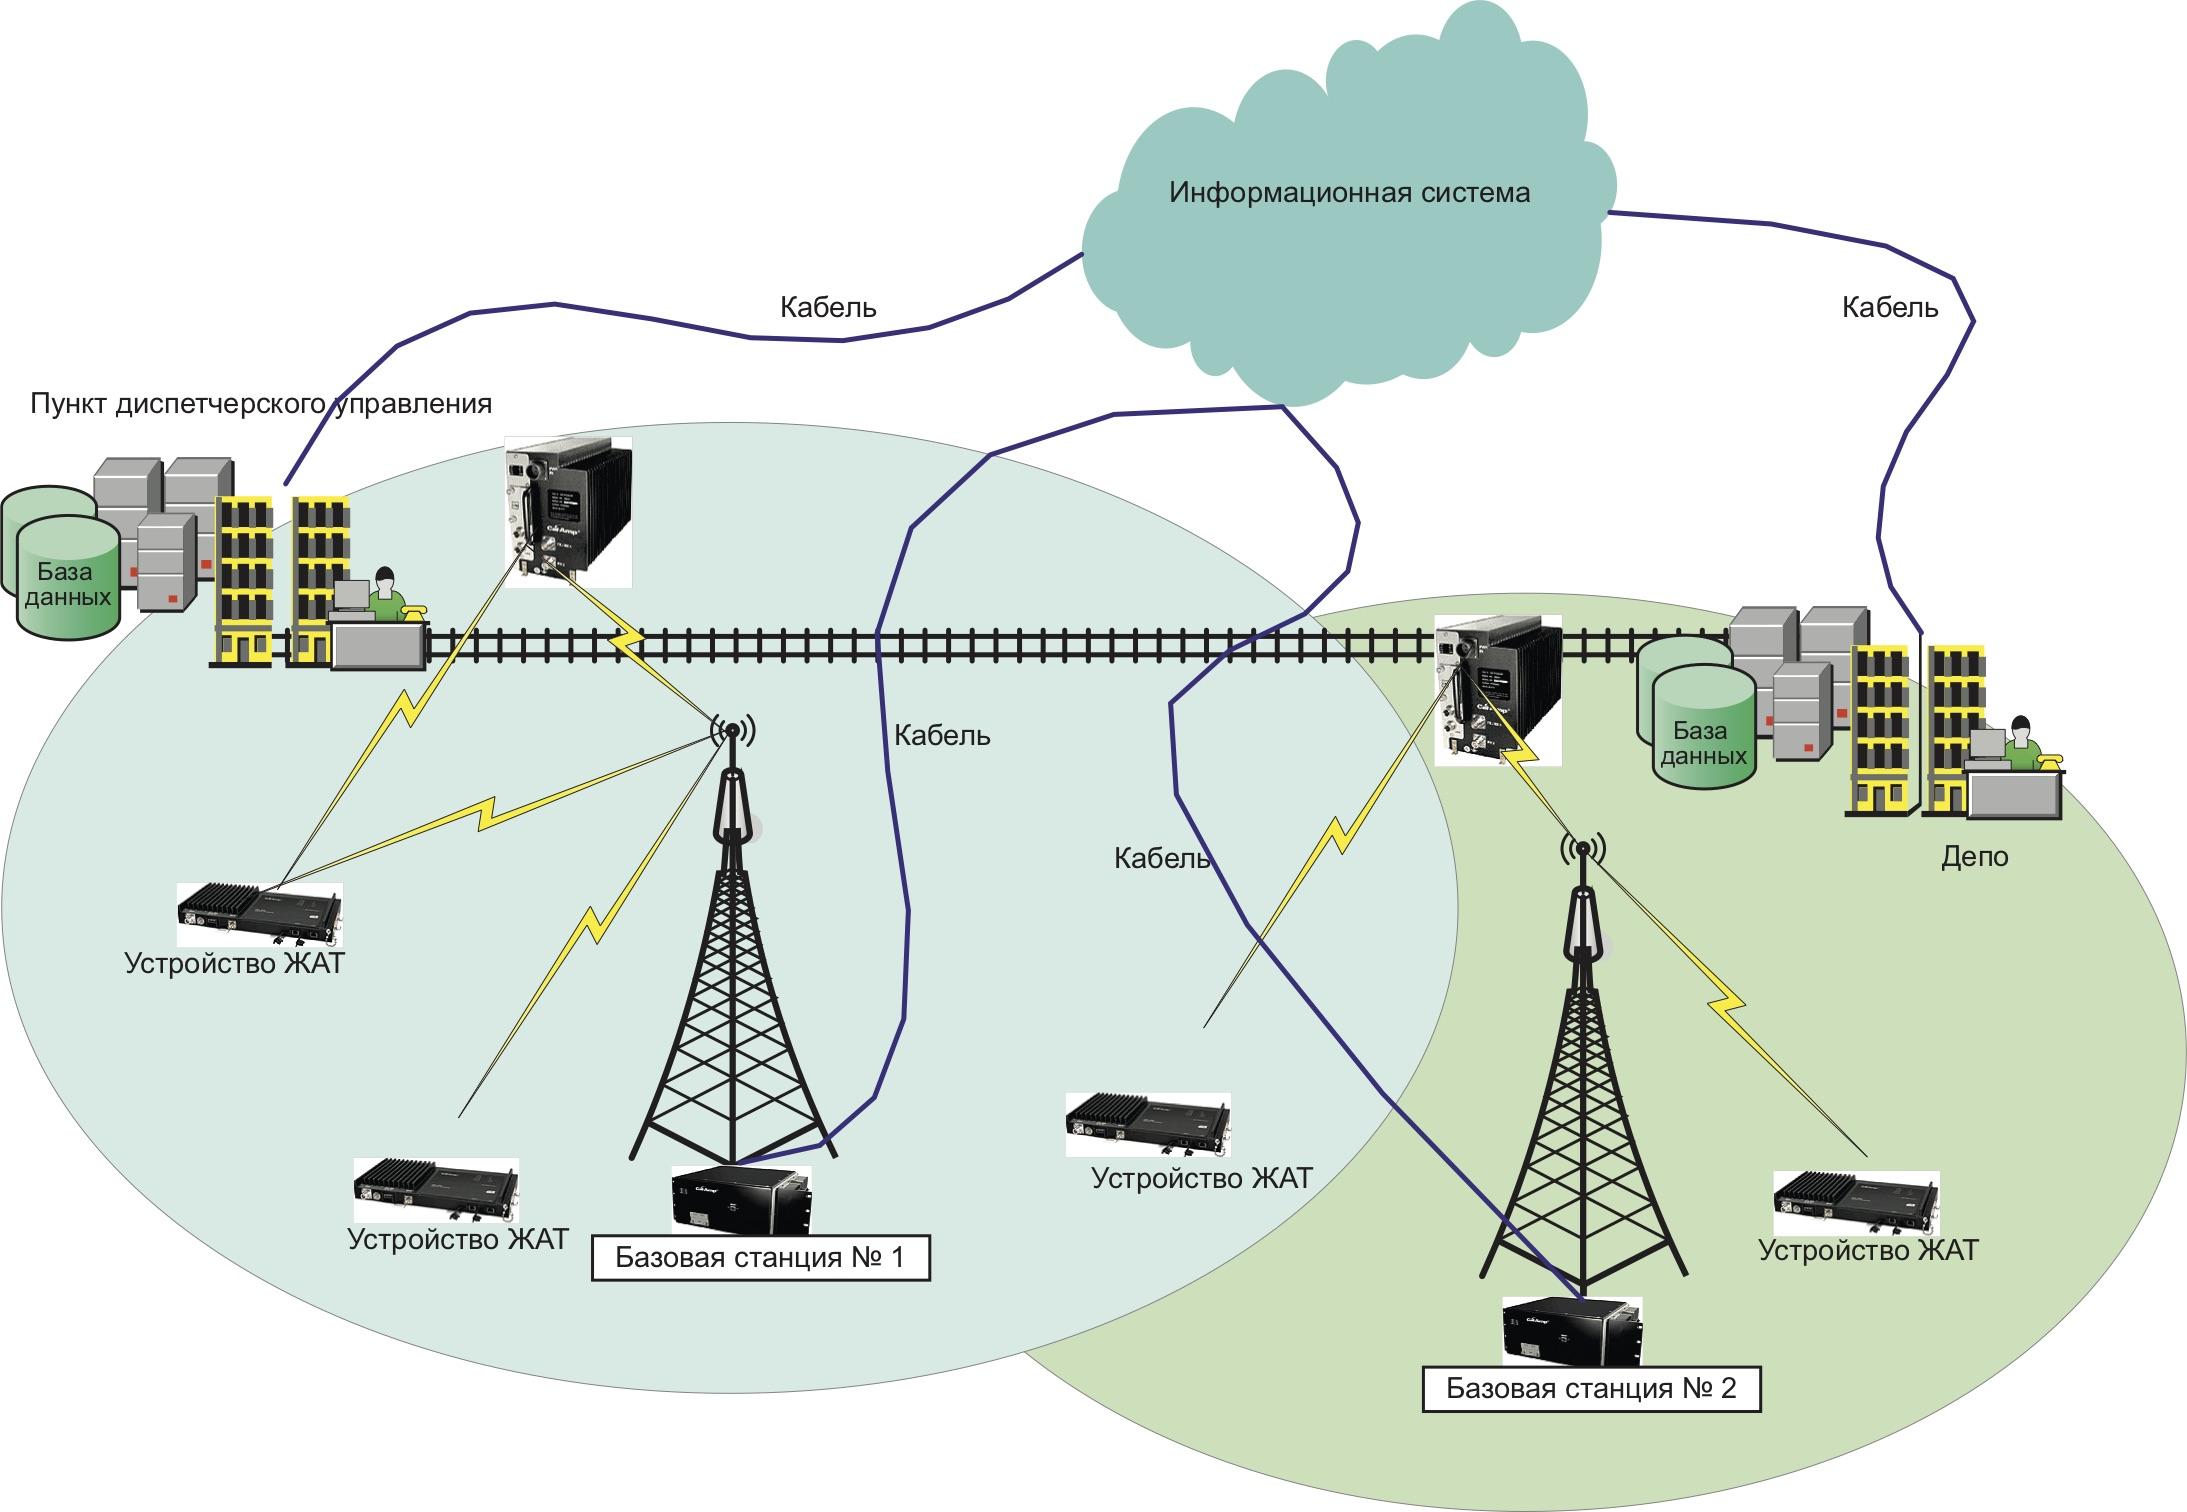 Упрощенная схема технологической радиосети обмена данными для перспективной автоматизированной системы управления поездами на базе радиотехнической платформы ITC 220